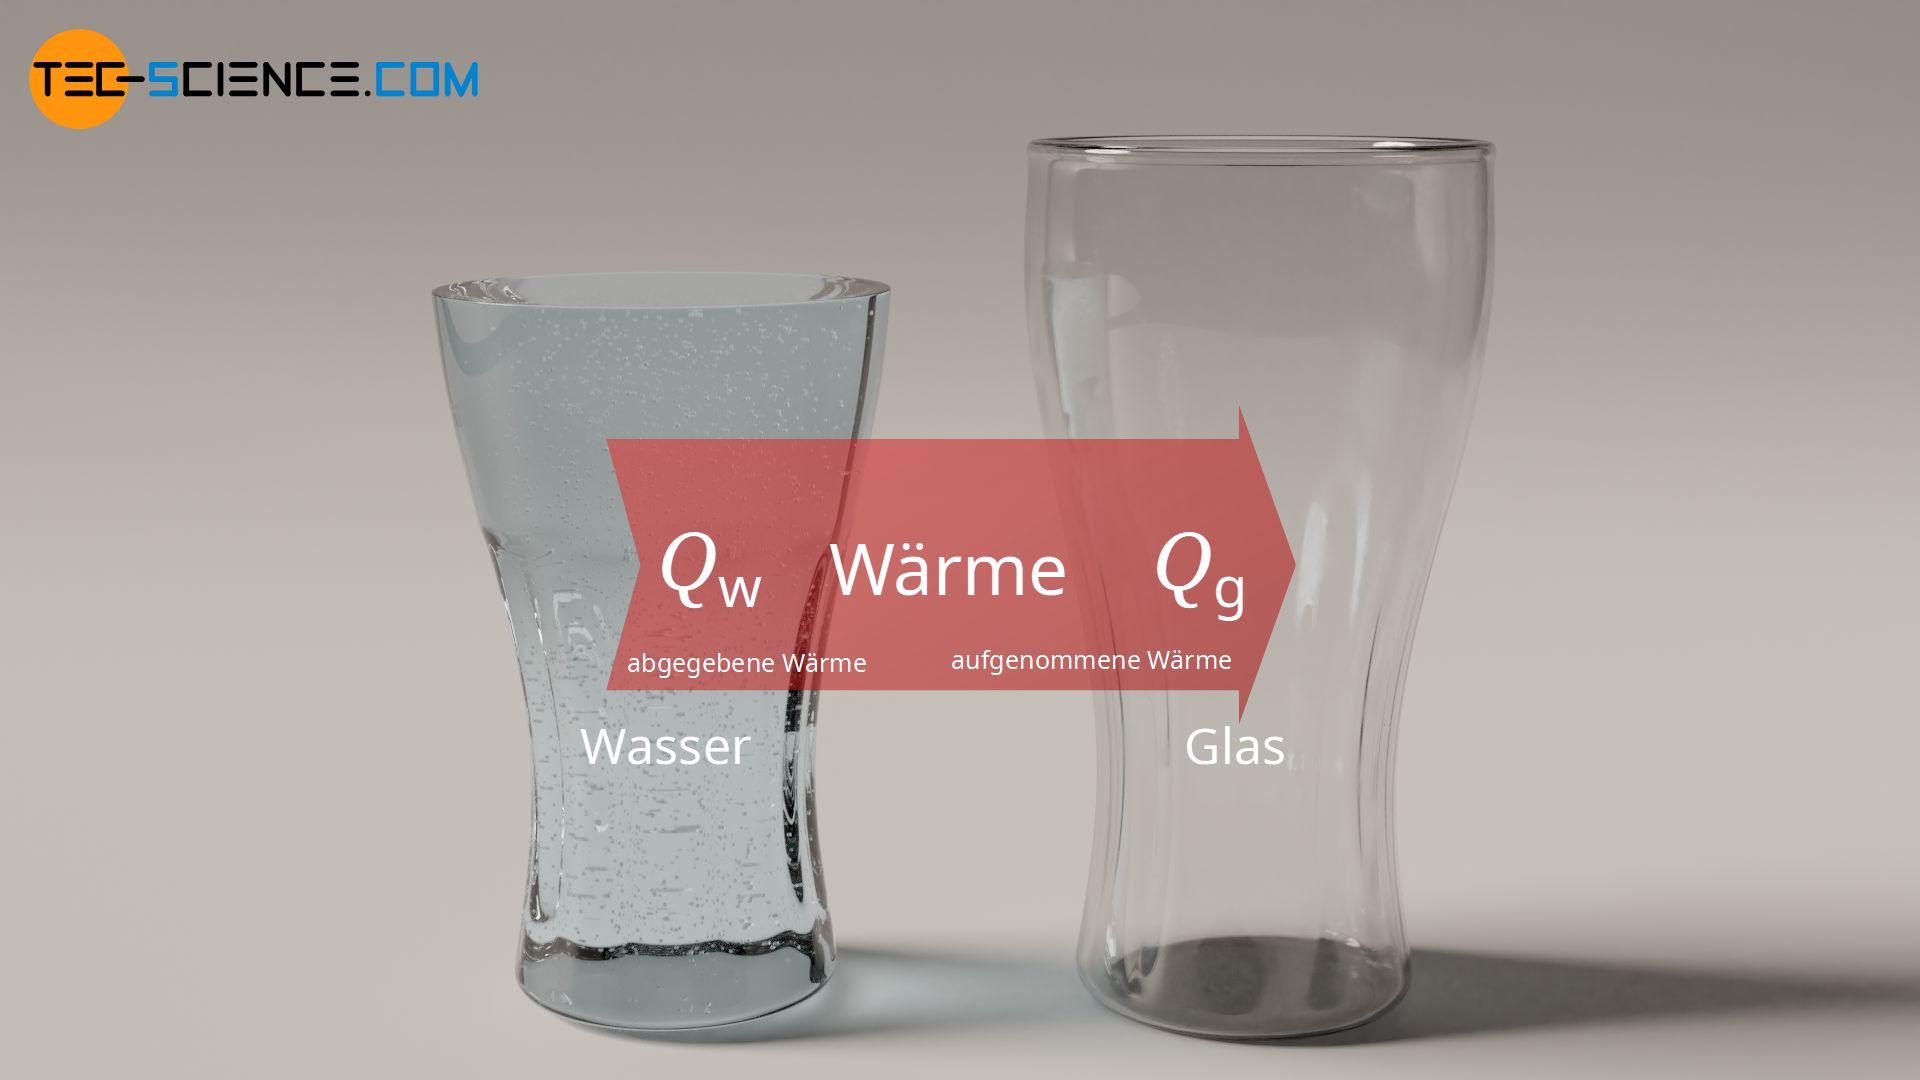 Abgegebene Wärme des Wassers entspricht der aufgenommenen Wärme des Glases